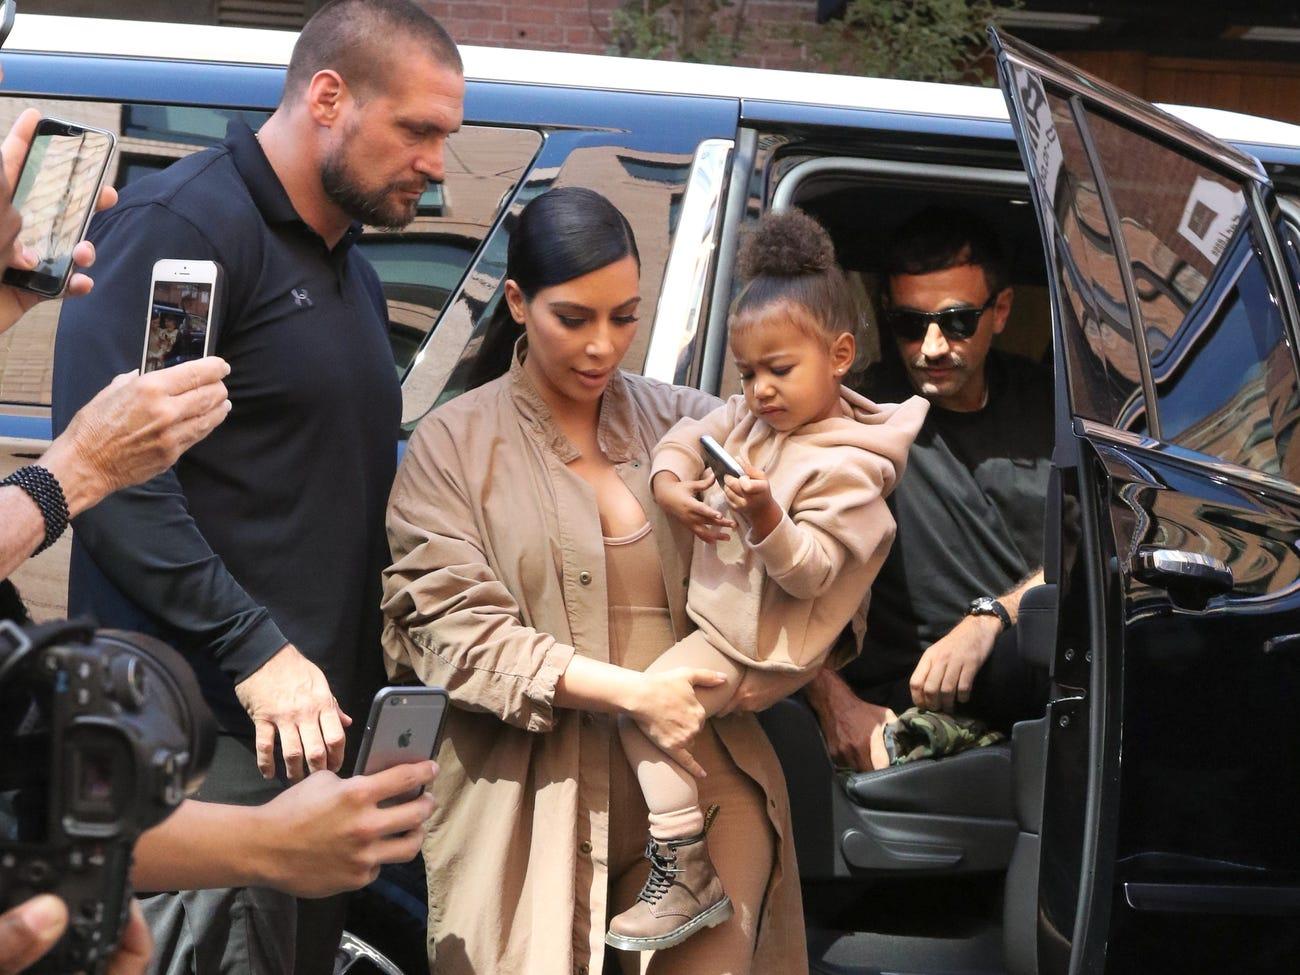 Kim Kardashian và con gái North West cùng với cựu vệ sĩ của Kardashian, Pascal Duvier, một cựu quân nhân trong quân đội Đức - Ảnh: Bauer-Griffin/GC Images